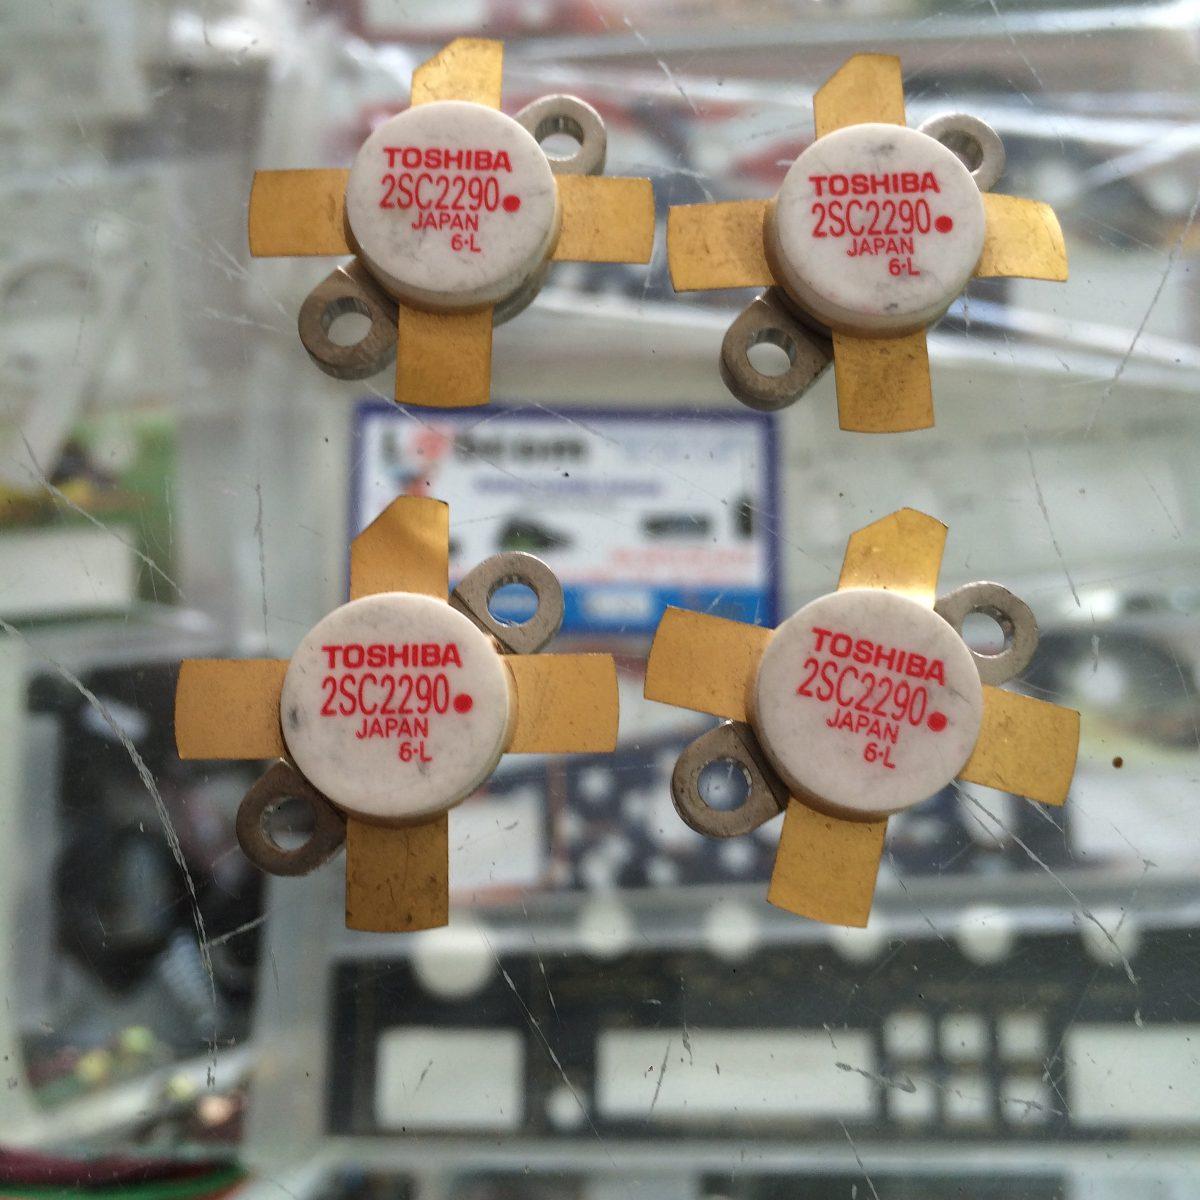 Transistor De Potencia Cb Radio Amplificador Y Radios Hf - $ 2,500 00